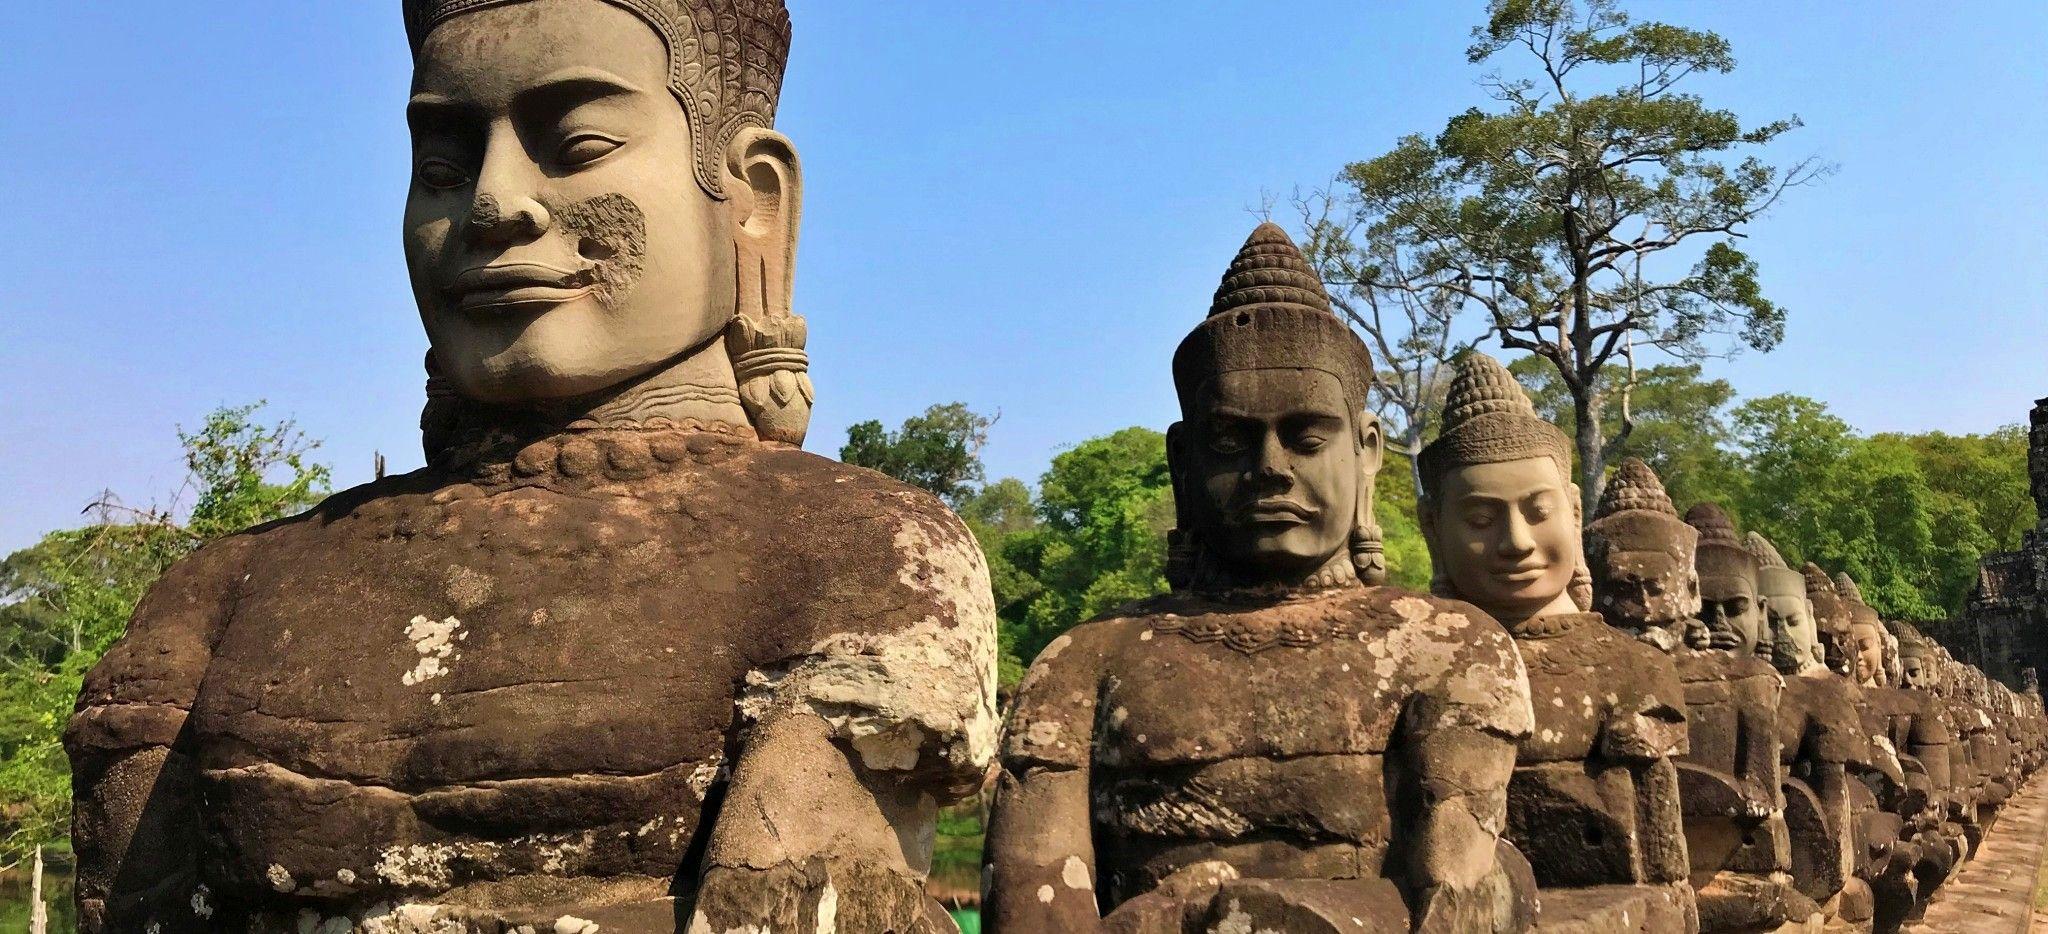 Eine Reihe von Statuen des Buddha in Kambodscha